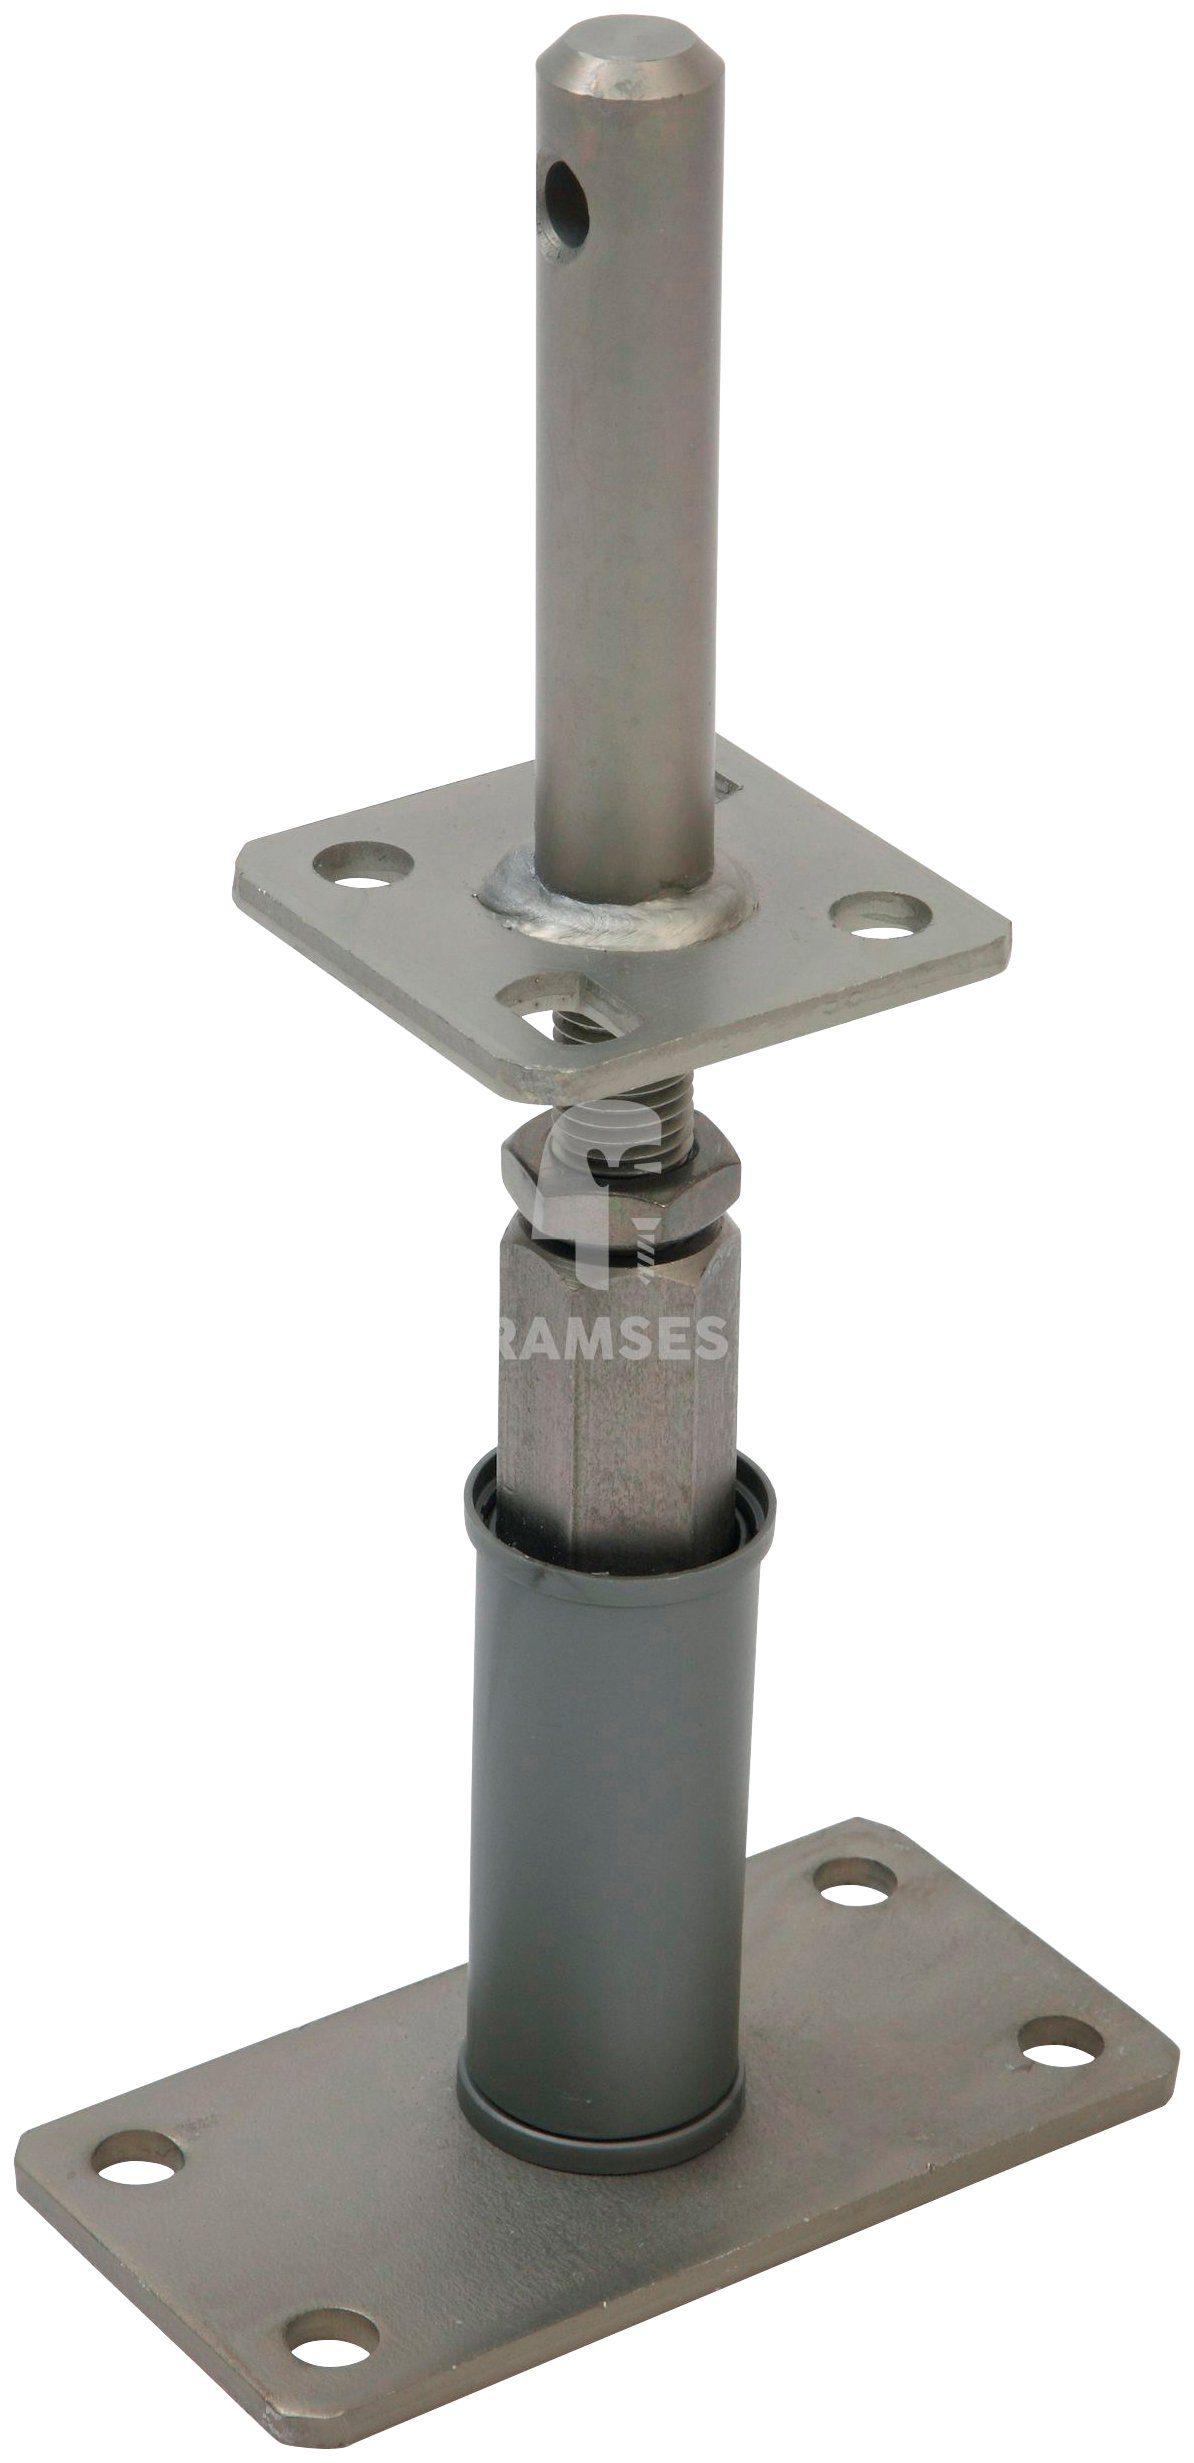 RAMSES Pfostenträger , Edelstahloptik höhenverstellbar mit Dolle 24x120x135-200 mm